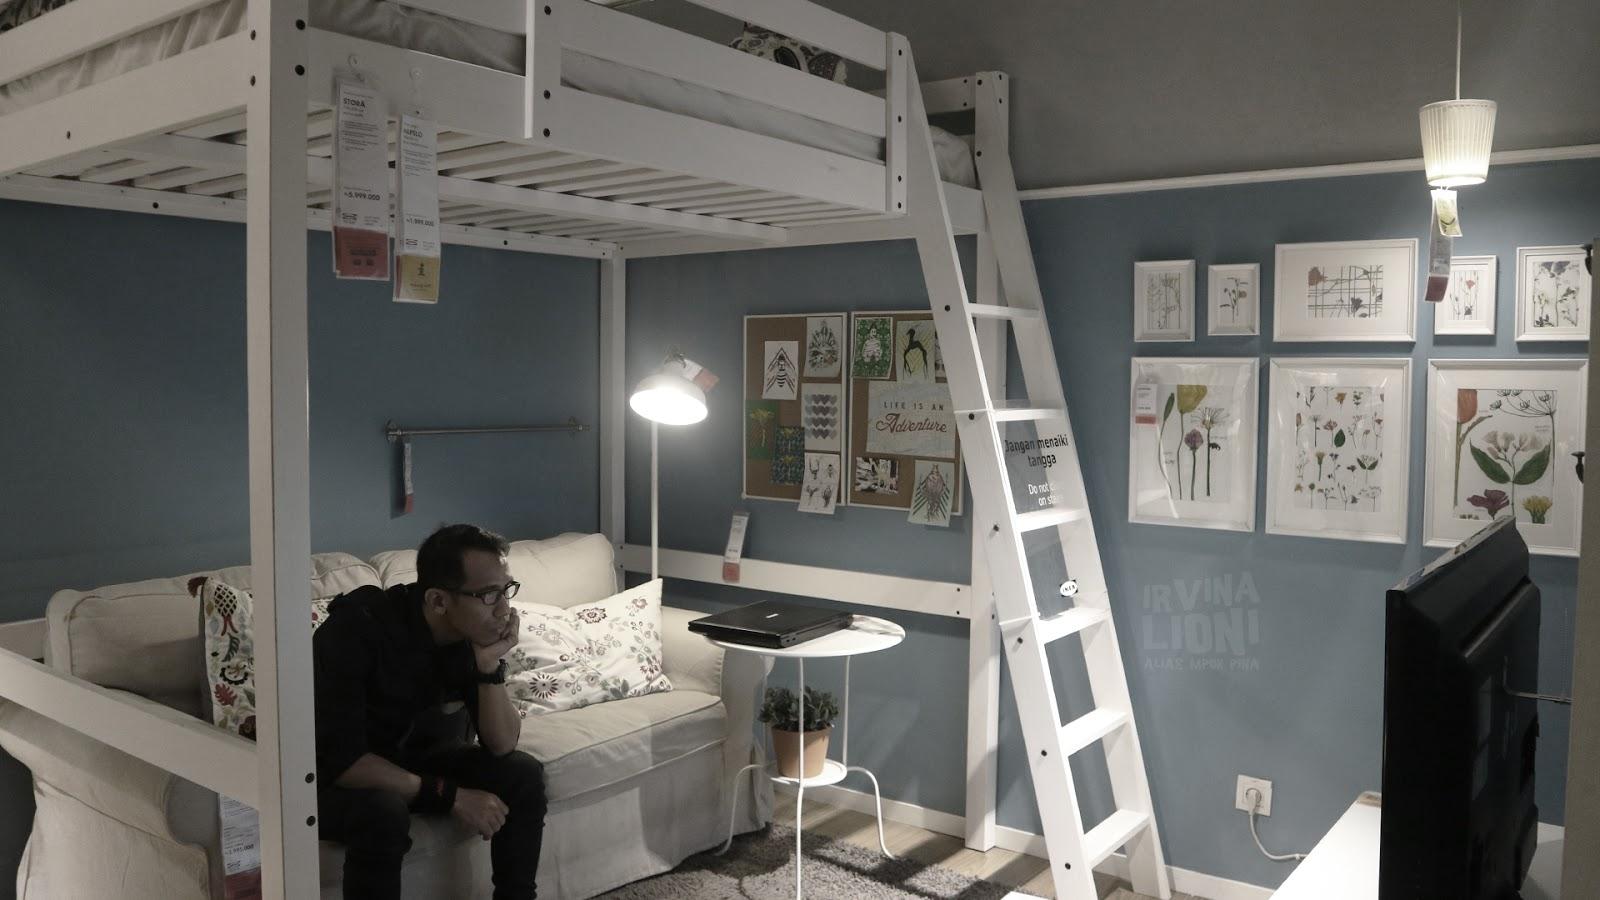 62 Koleksi Foto Contoh Desain Ruang Tamu Ikea Terbaik Unduh Gratis